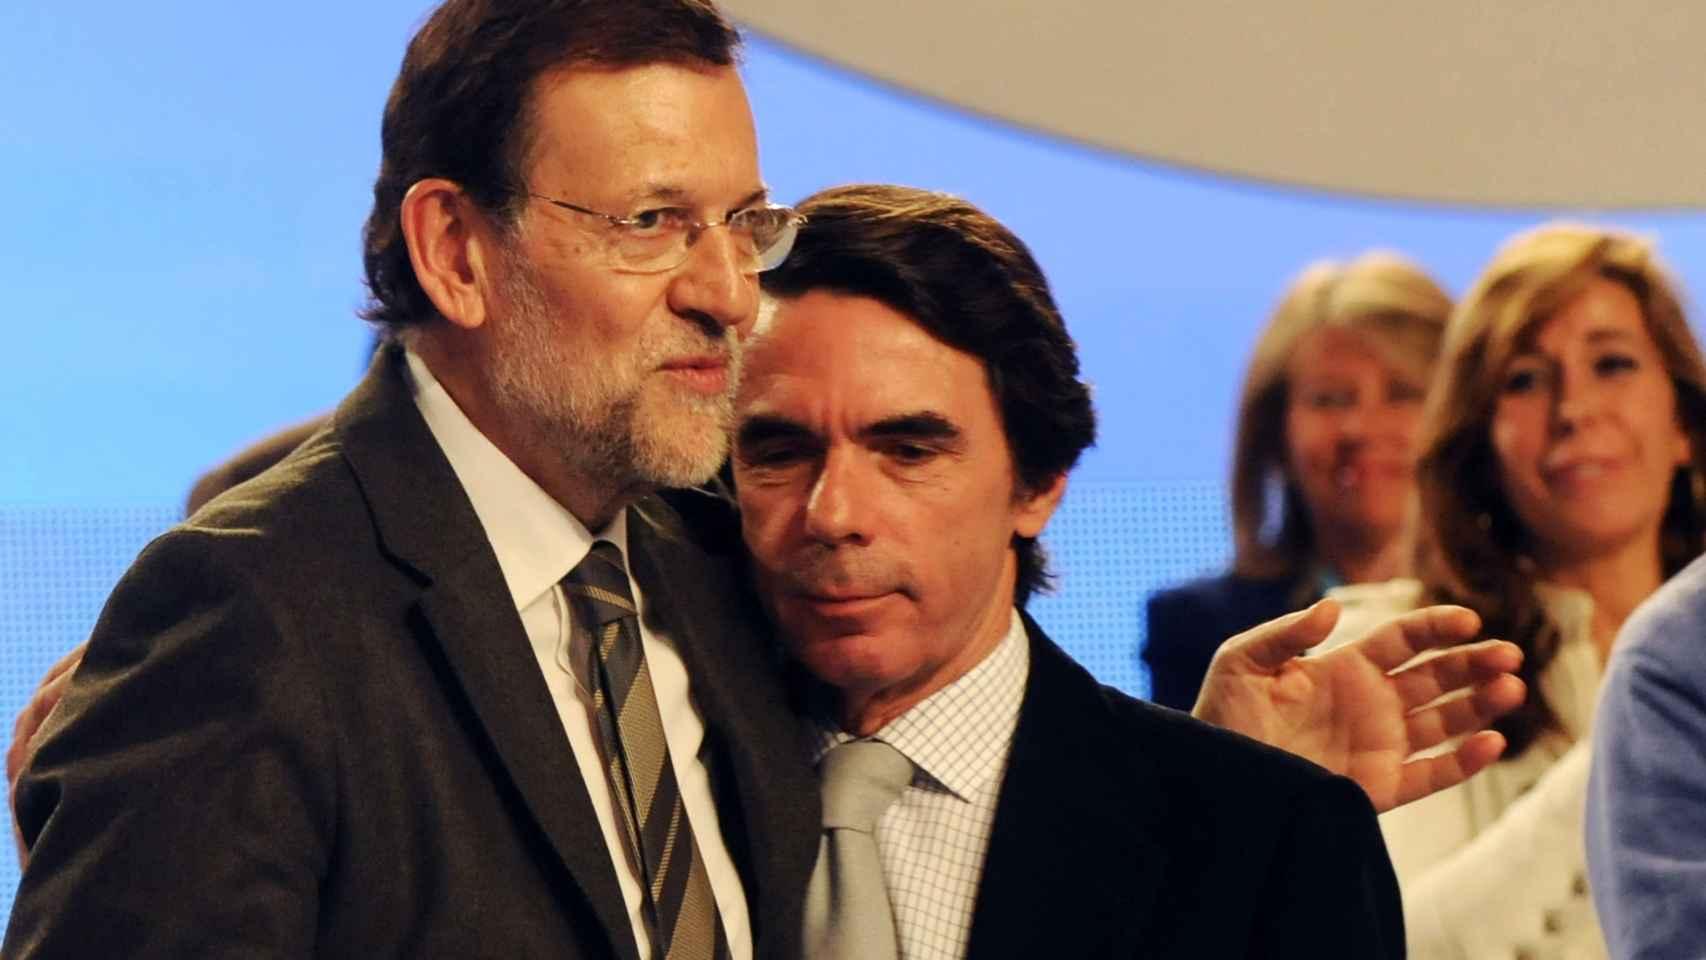 El abrazo del oso, o Aznar y Rajoy.